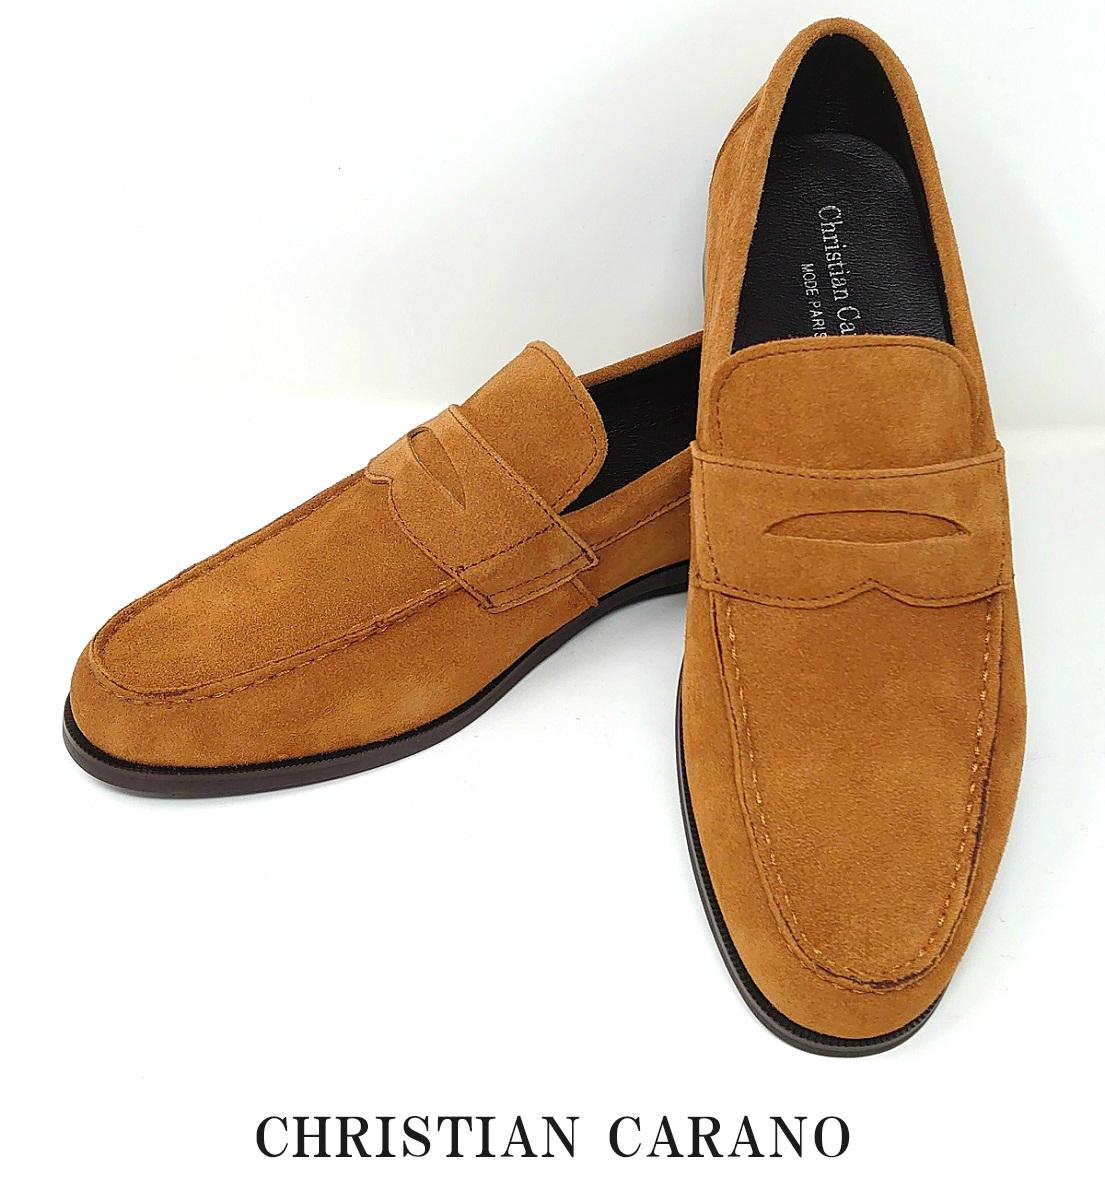 日本製 本革 ベロアレザー ローファー ドレスシューズ メンズ 靴 ショック吸収 おしゃれ ペニーローファー 3Eクリスチャンカラノ Christian Carano 69 高級